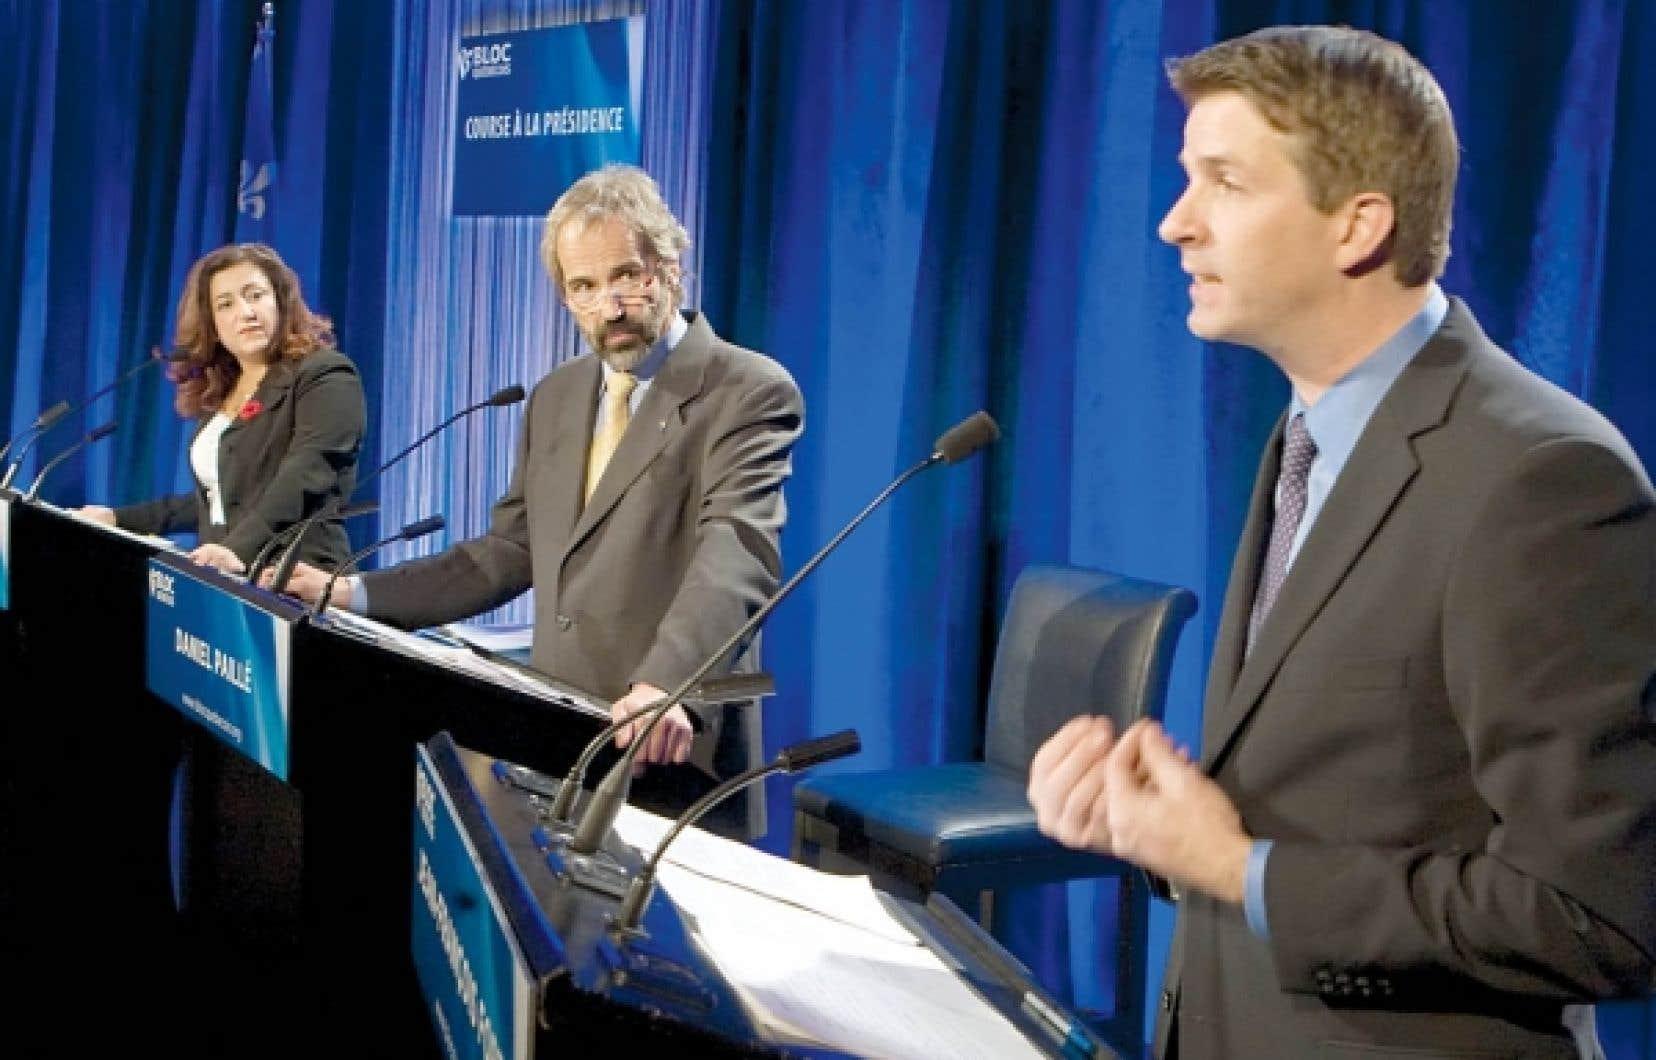 Les trois candidats à la succession de Gilles Duceppe à la tête du Bloc québécois, Maria Mourani, Daniel Paillé et Jean-françois Fortin, s'affrontaient hier au cours d'un premier débat public.